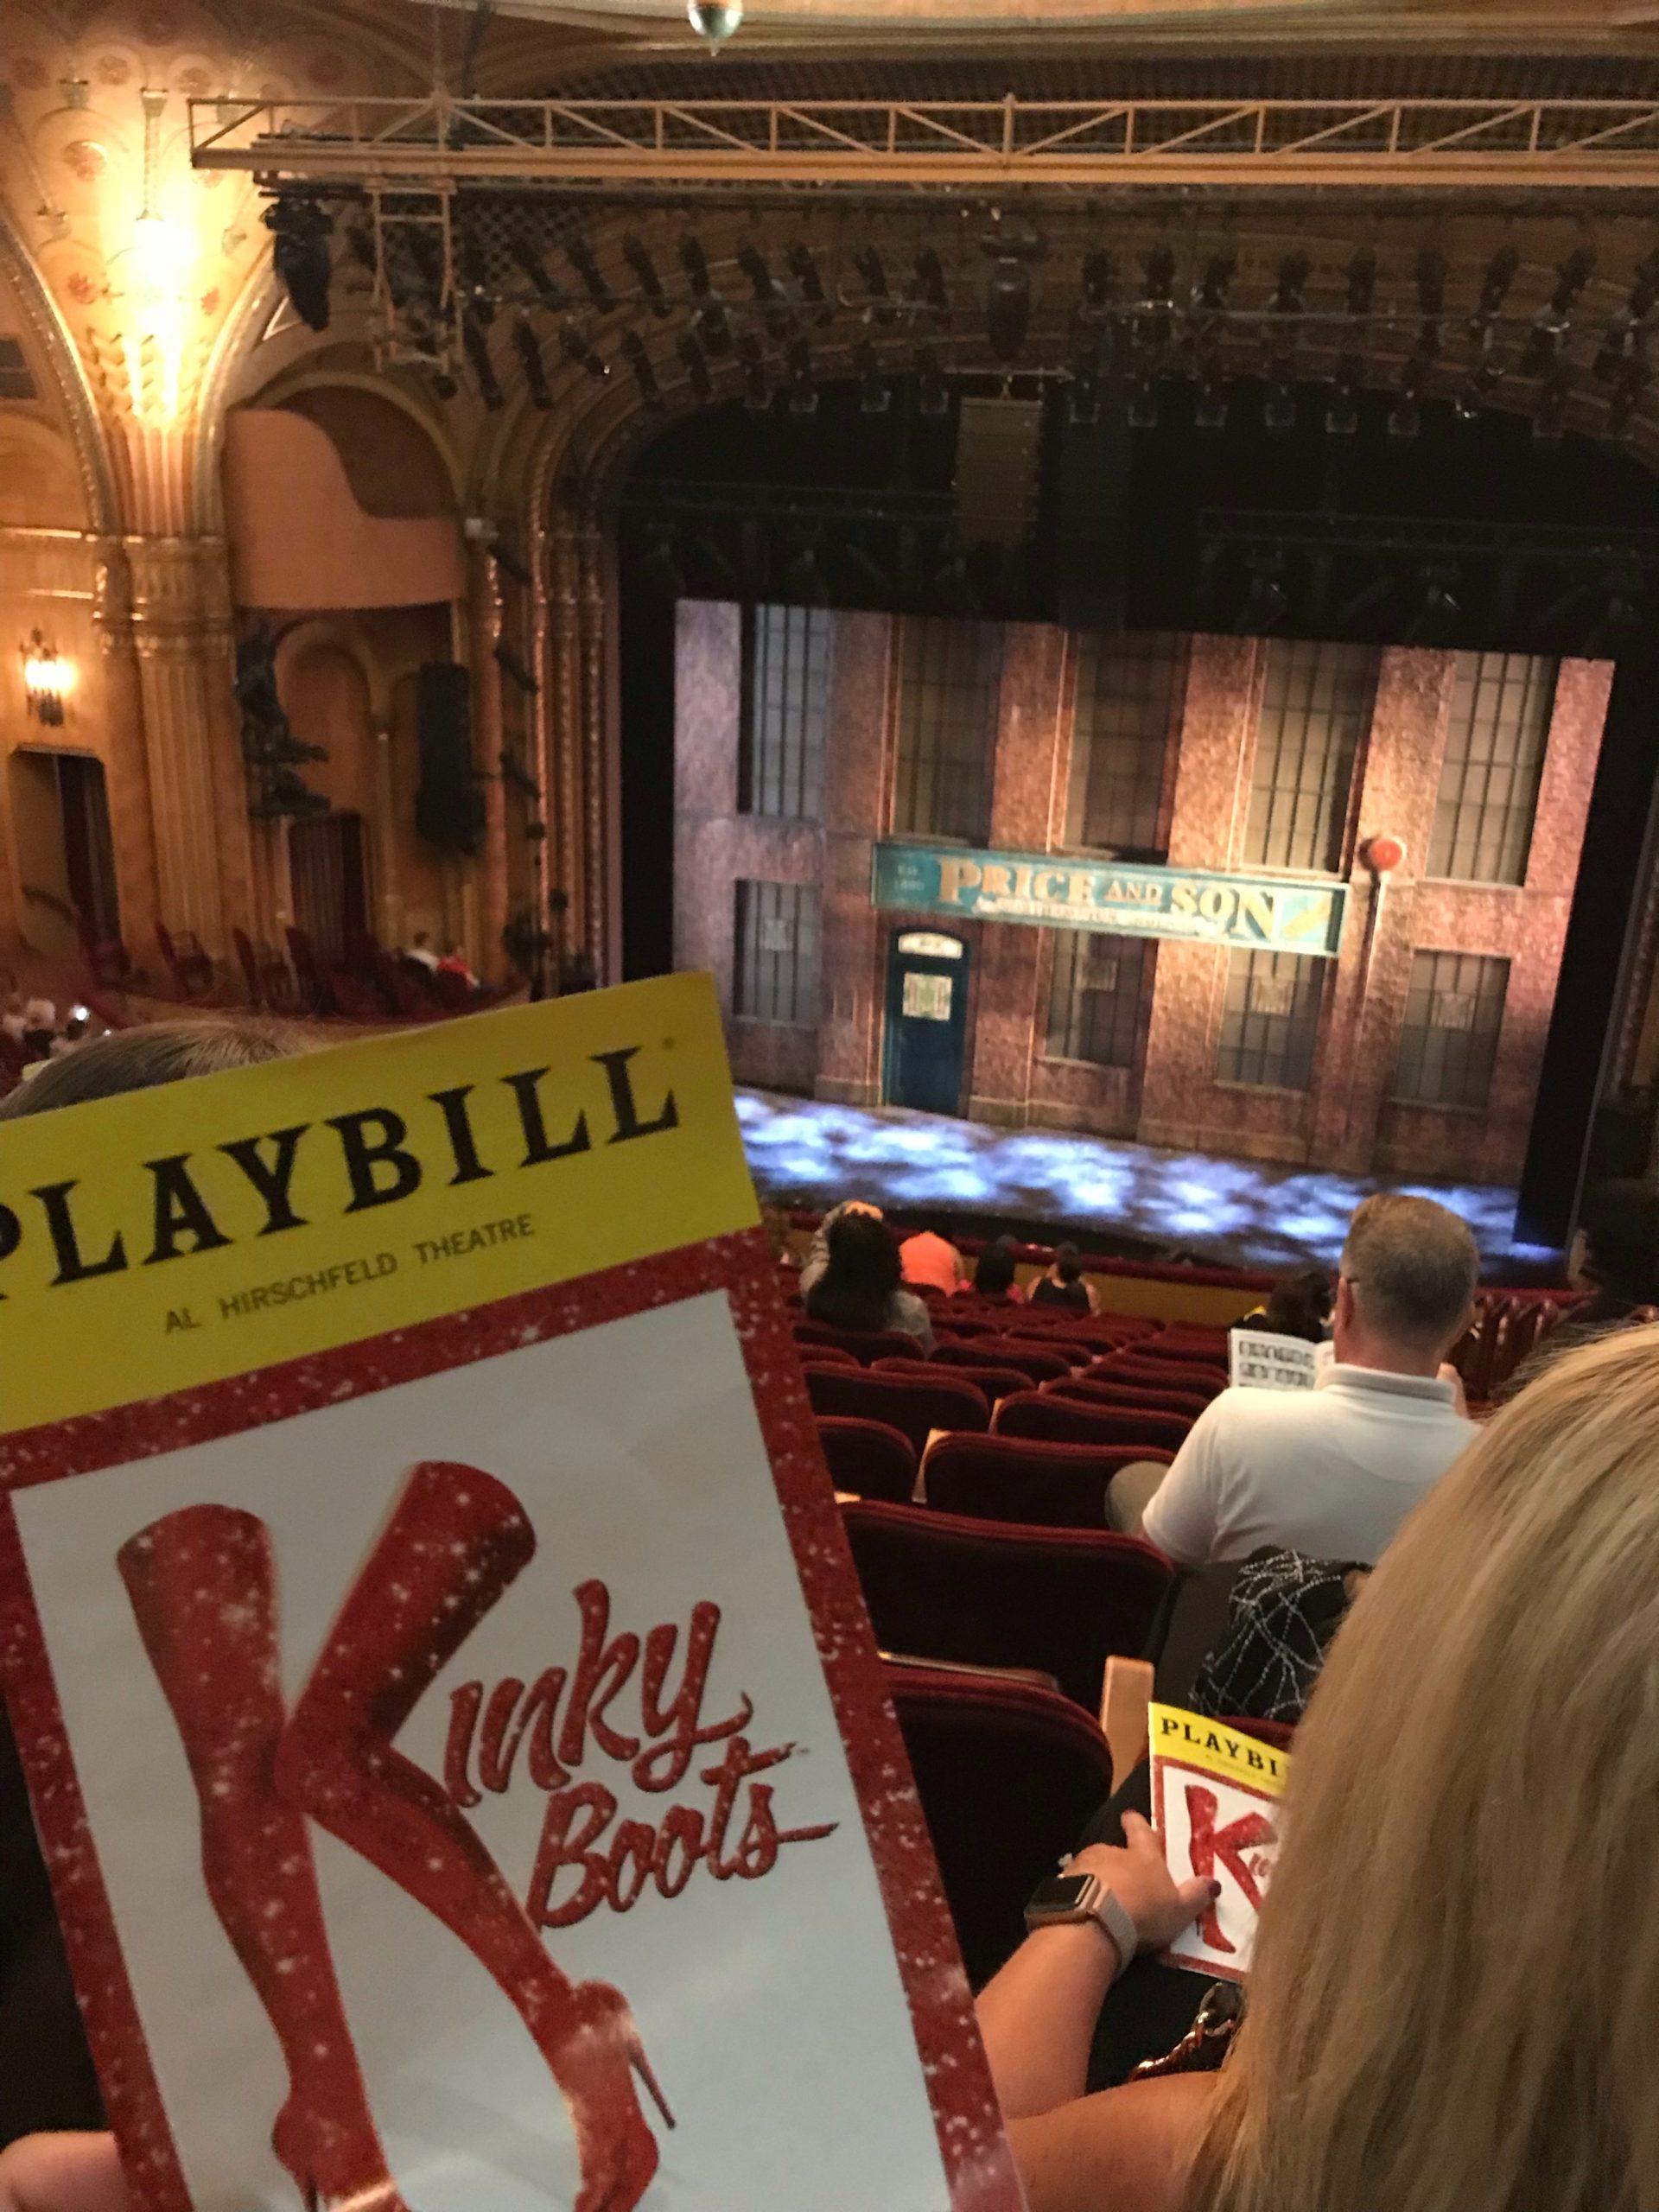 アメリカ横断中にNYに行った写真 ブロードウェイミュージカルでキンキーブーツを見た写真